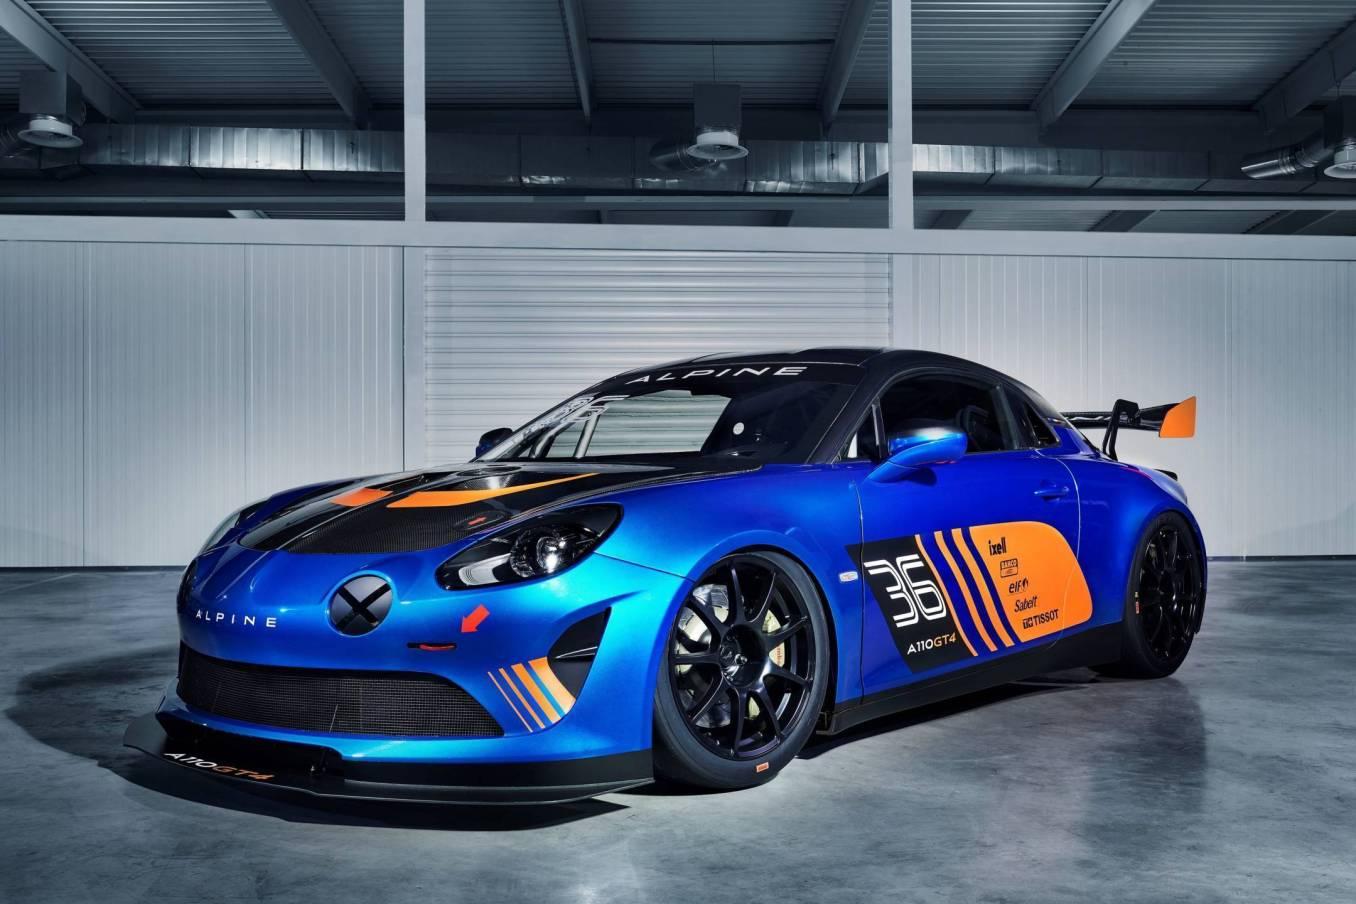 Alpine dévoile son A110 GT4 au Salon de Genève avec Signatech ! 2